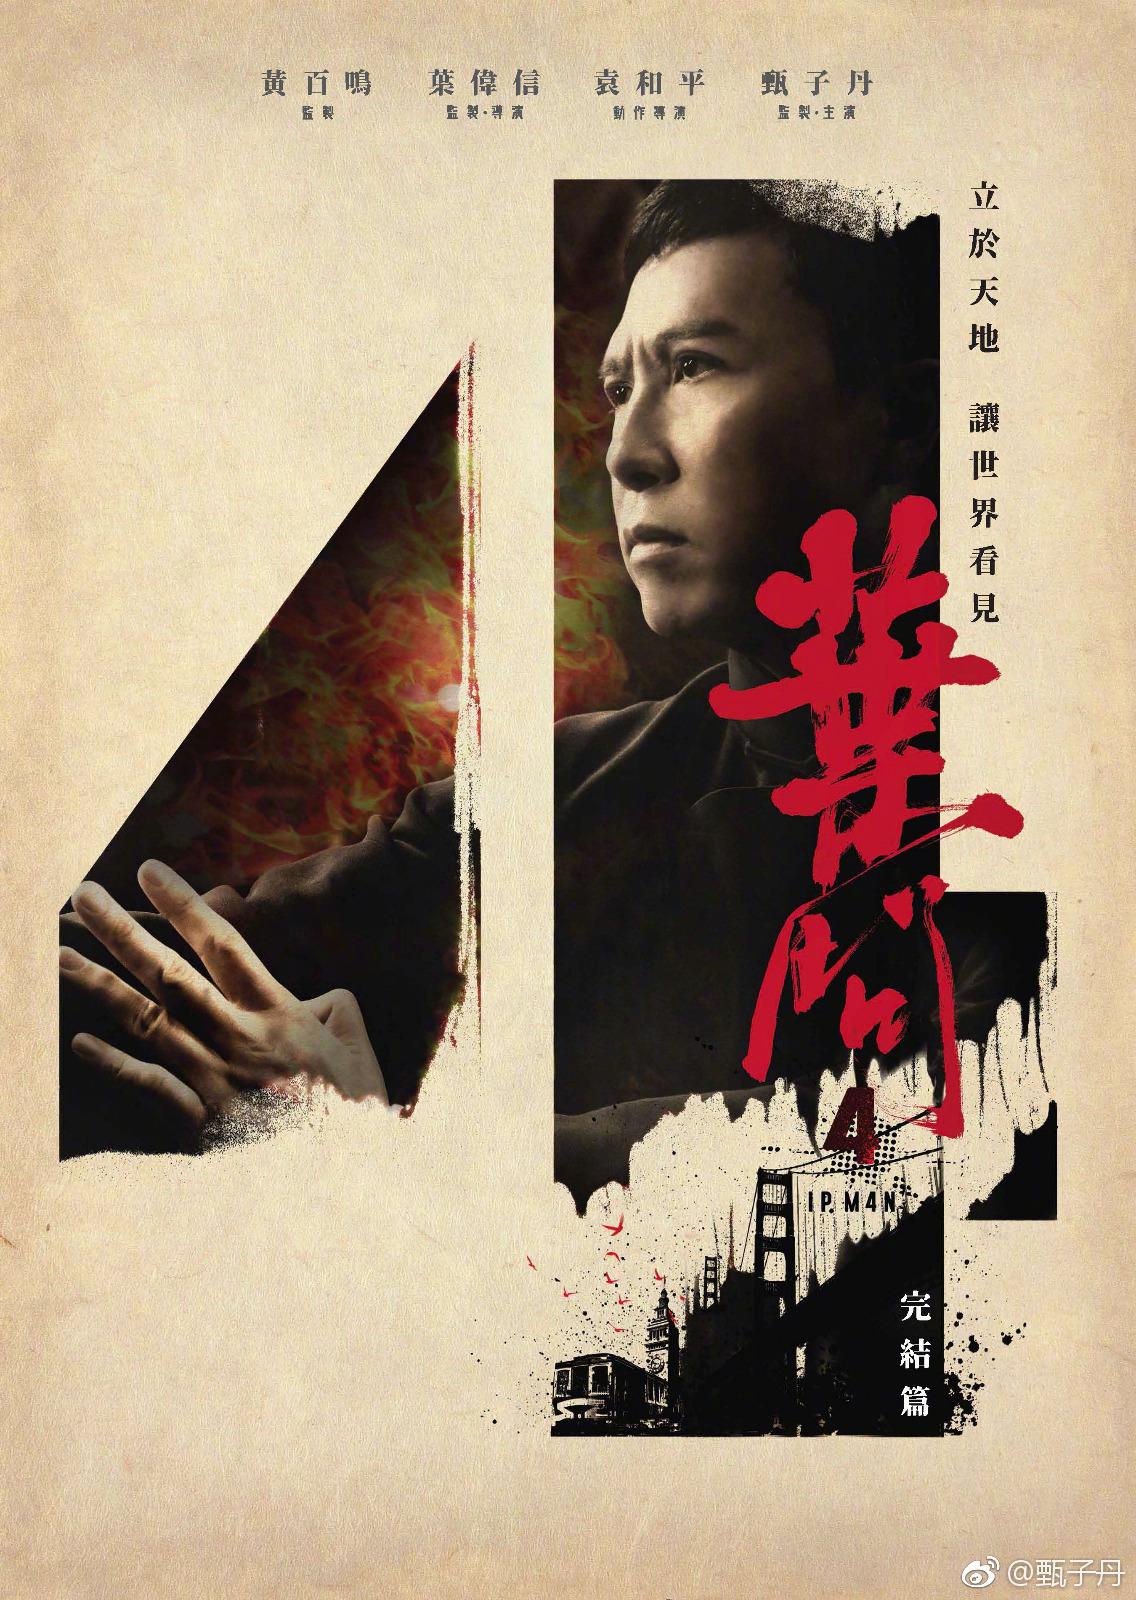 《叶问4》首个海报和预告发布 确认将是系列完结篇图片